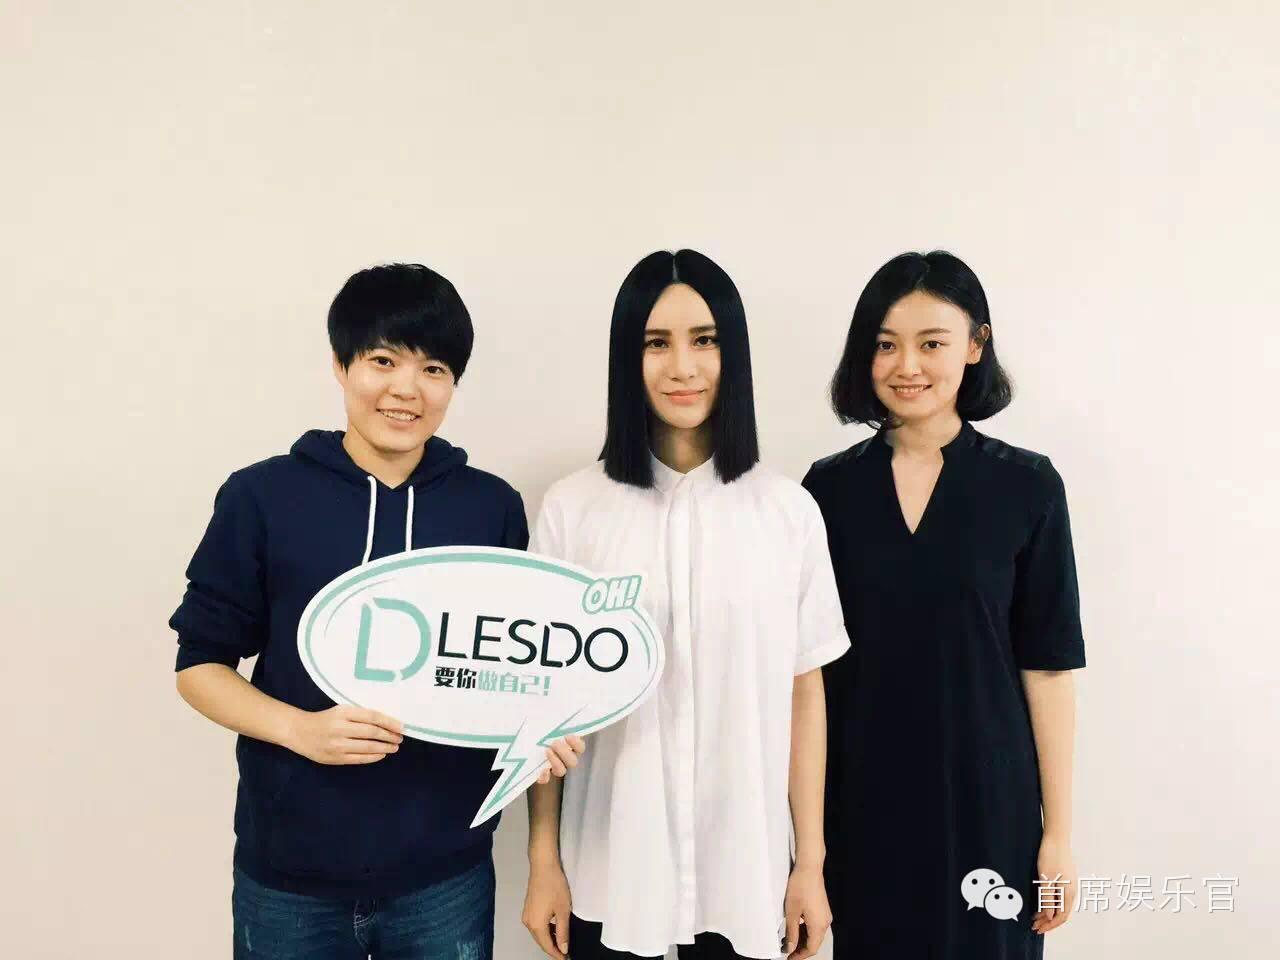 レズビアンのためのアプリ「Lesdo」が目指す世界とは